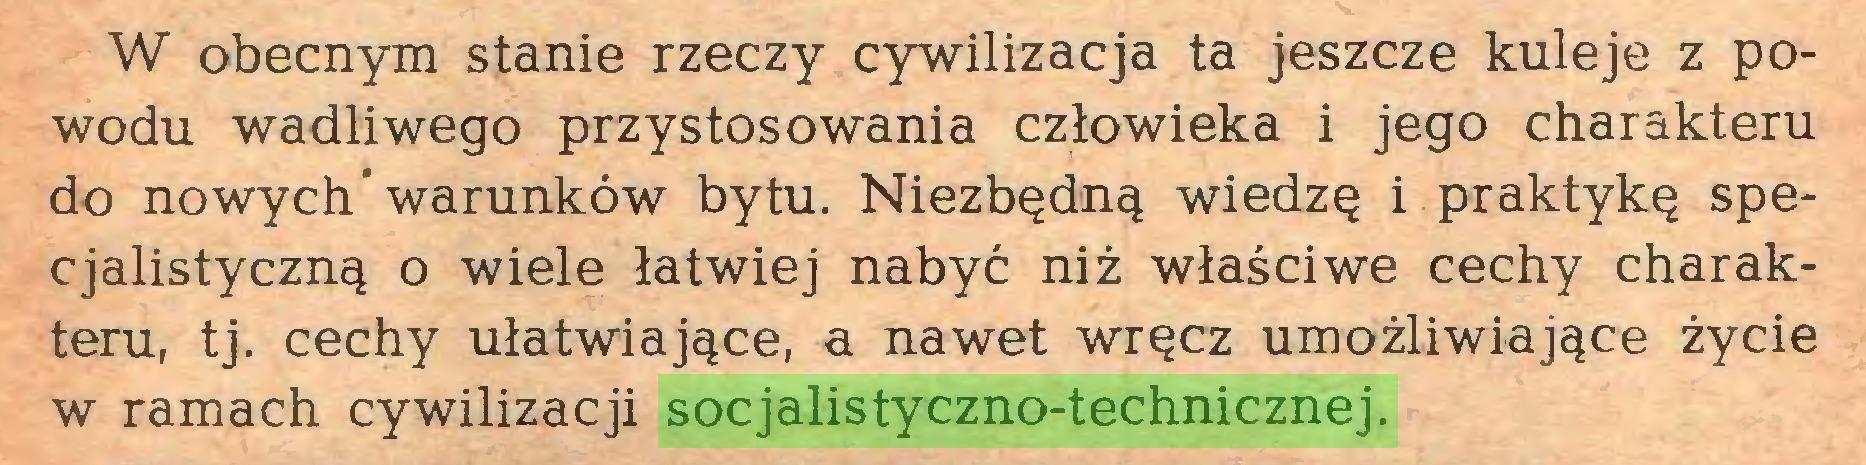 (...) W obecnym stanie rzeczy cywilizacja ta jeszcze kuleje z powodu wadliwego przystosowania człowieka i jego charakteru do nowych'warunków bytu. Niezbędną wiedzę i praktykę specjalistyczną o wiele łatwiej nabyć niż właściwe cechy charakteru, tj. cechy ułatwiające, a nawet wręcz umożliwiające życie w ramach cywilizacji socjalistyczno-technicznej...